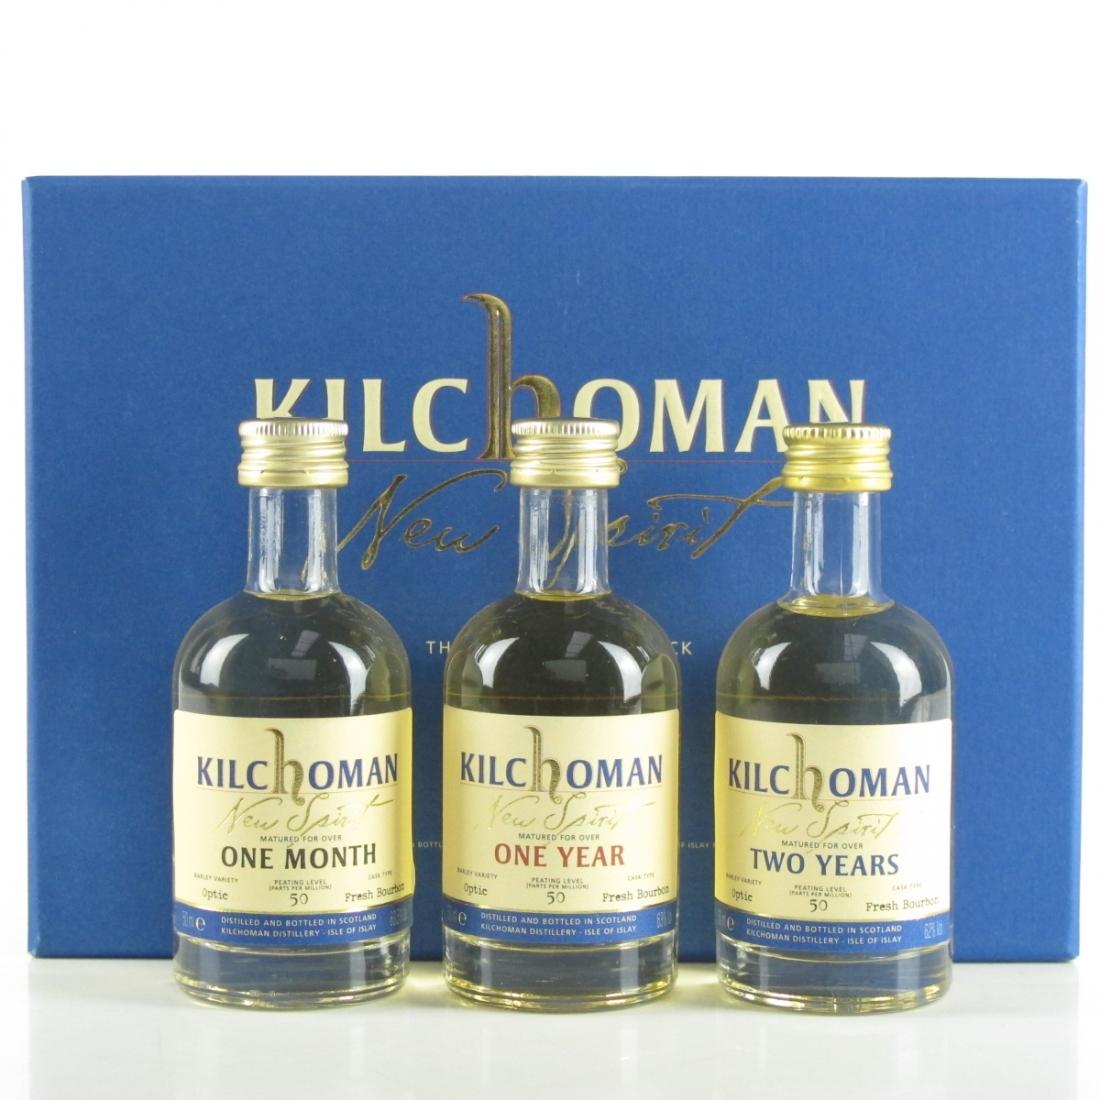 Kilchoman New Make Miniature Selection 3 x 5cl